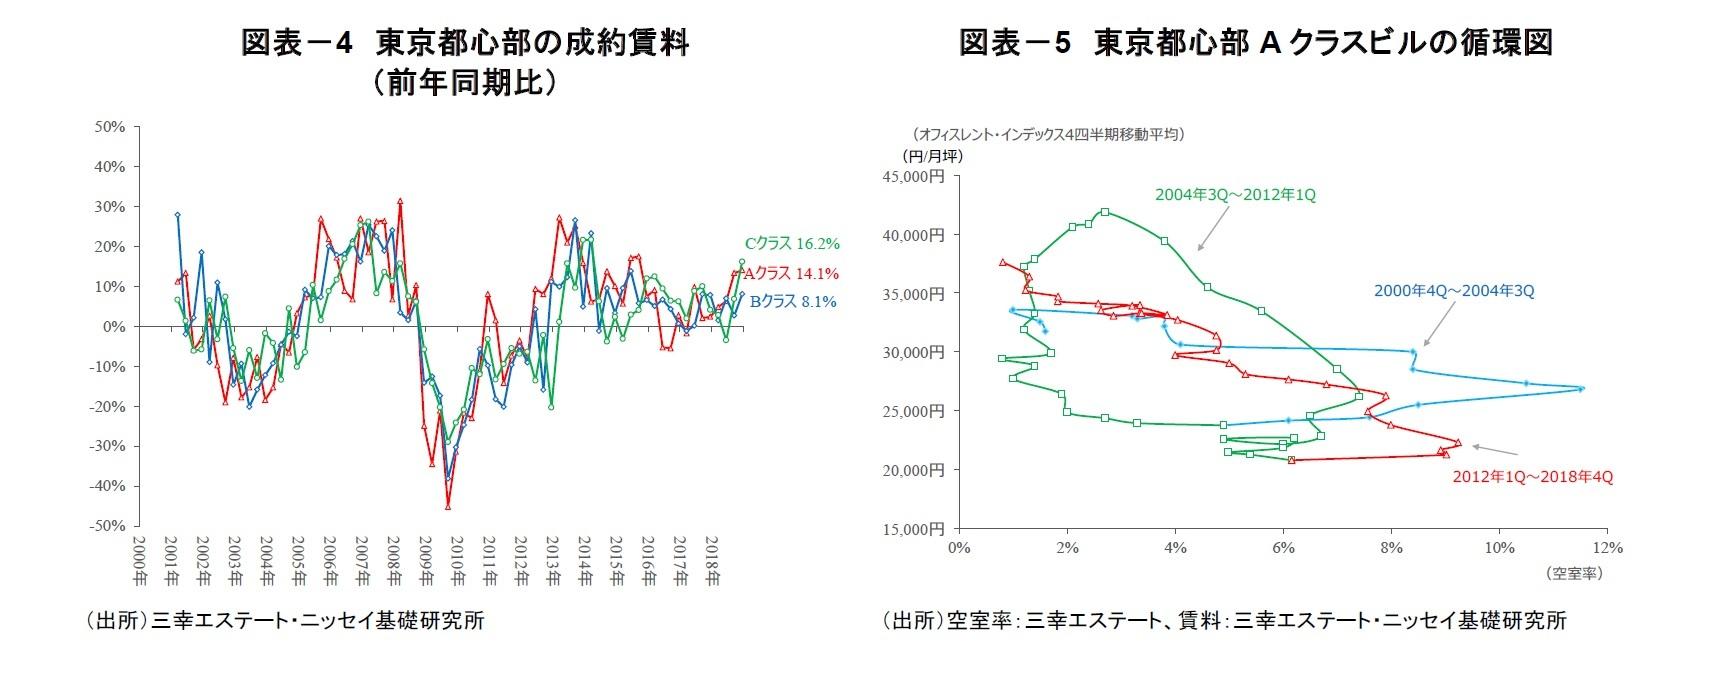 図表-4 東京都心部の成約賃料(前年同期比)/図表-5 東京都心部Aクラスビルの循環図